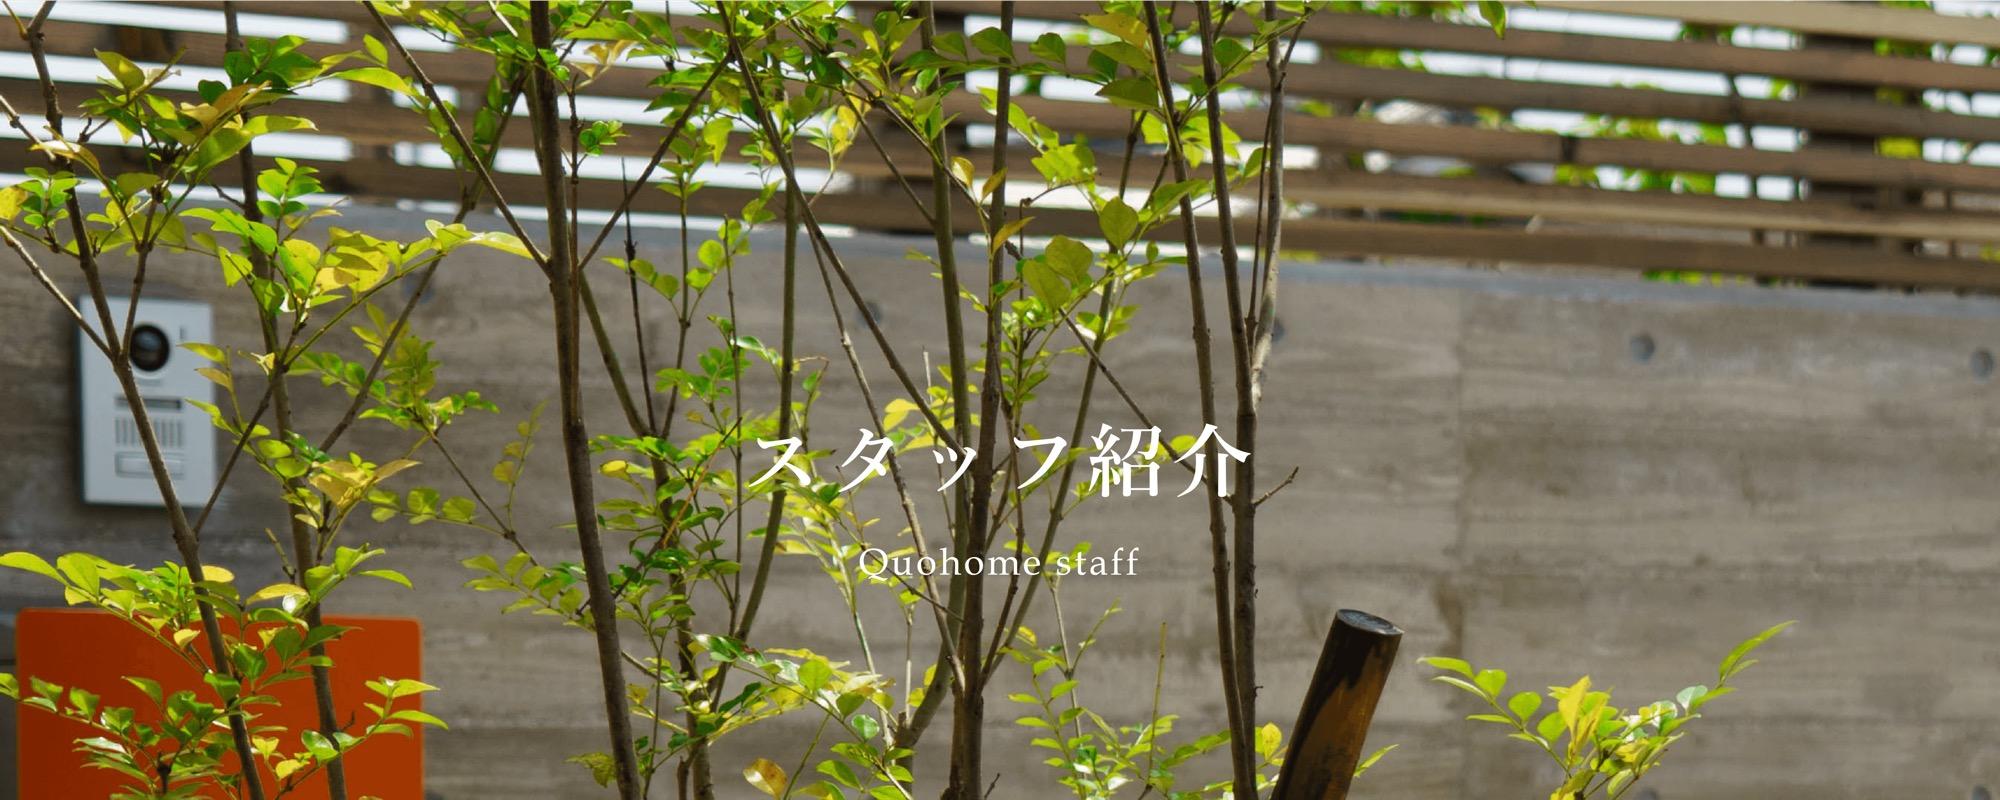 姫路の工務店「クオホーム」 岡田由記子の主婦の冒険の書